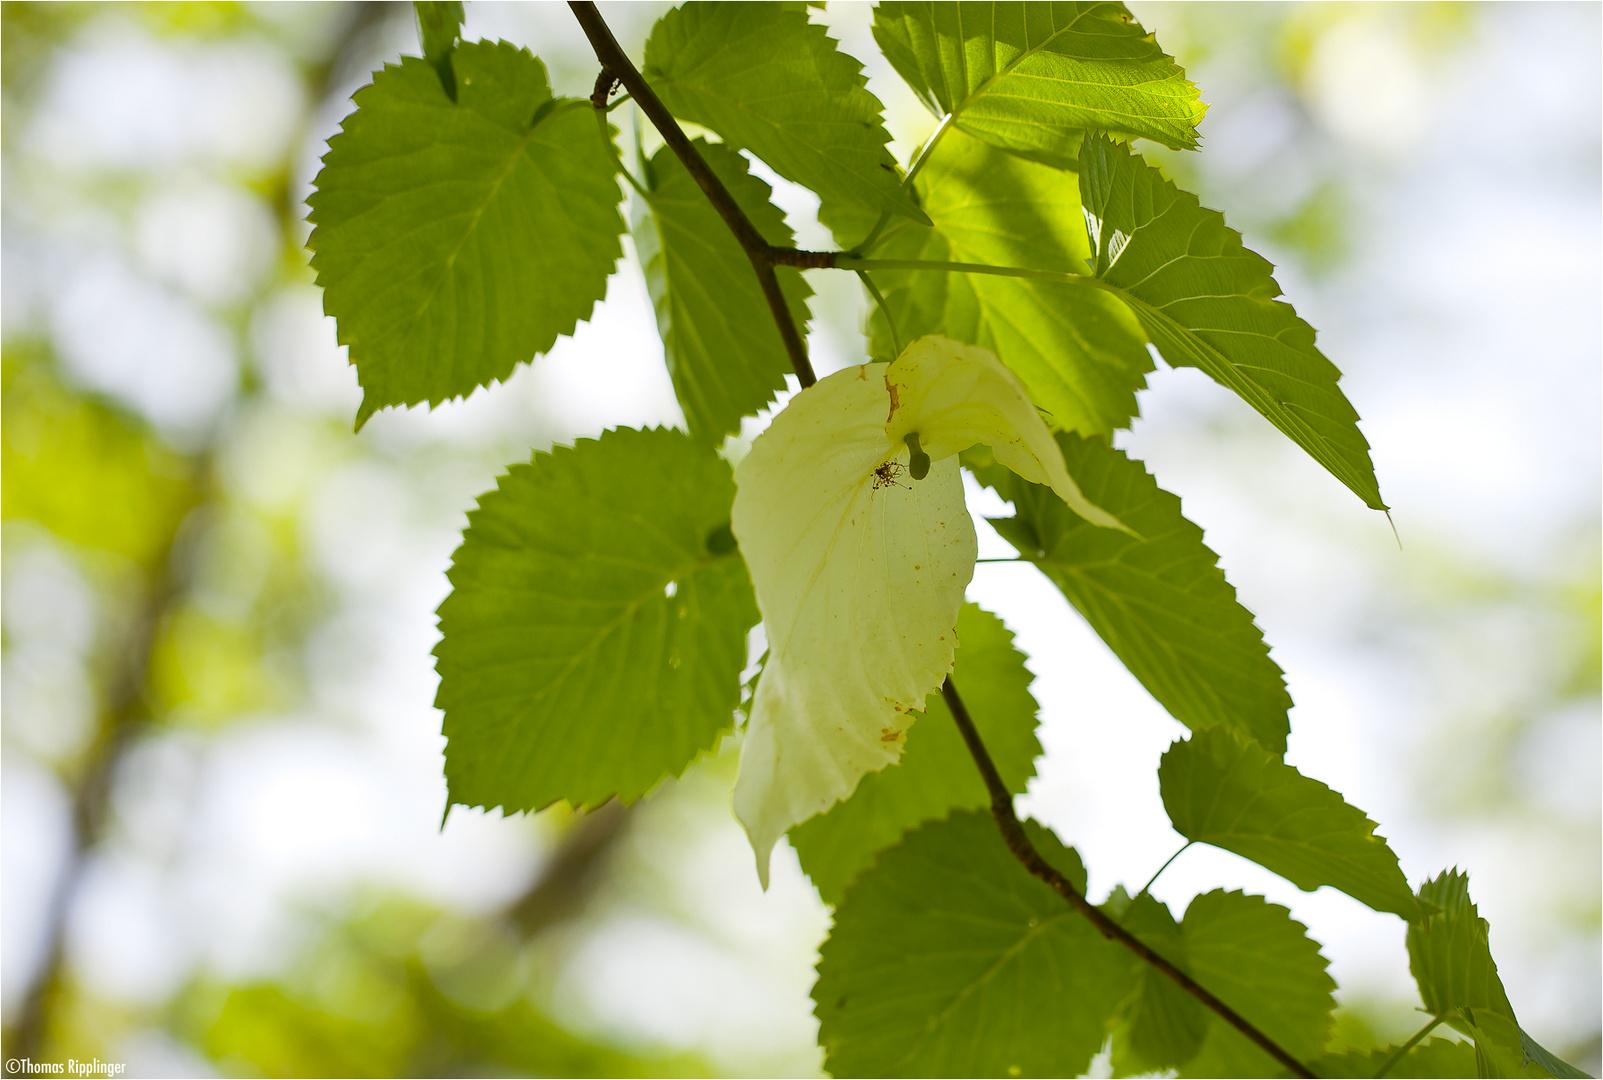 Taschentuchbaum (Davidia involucrata).